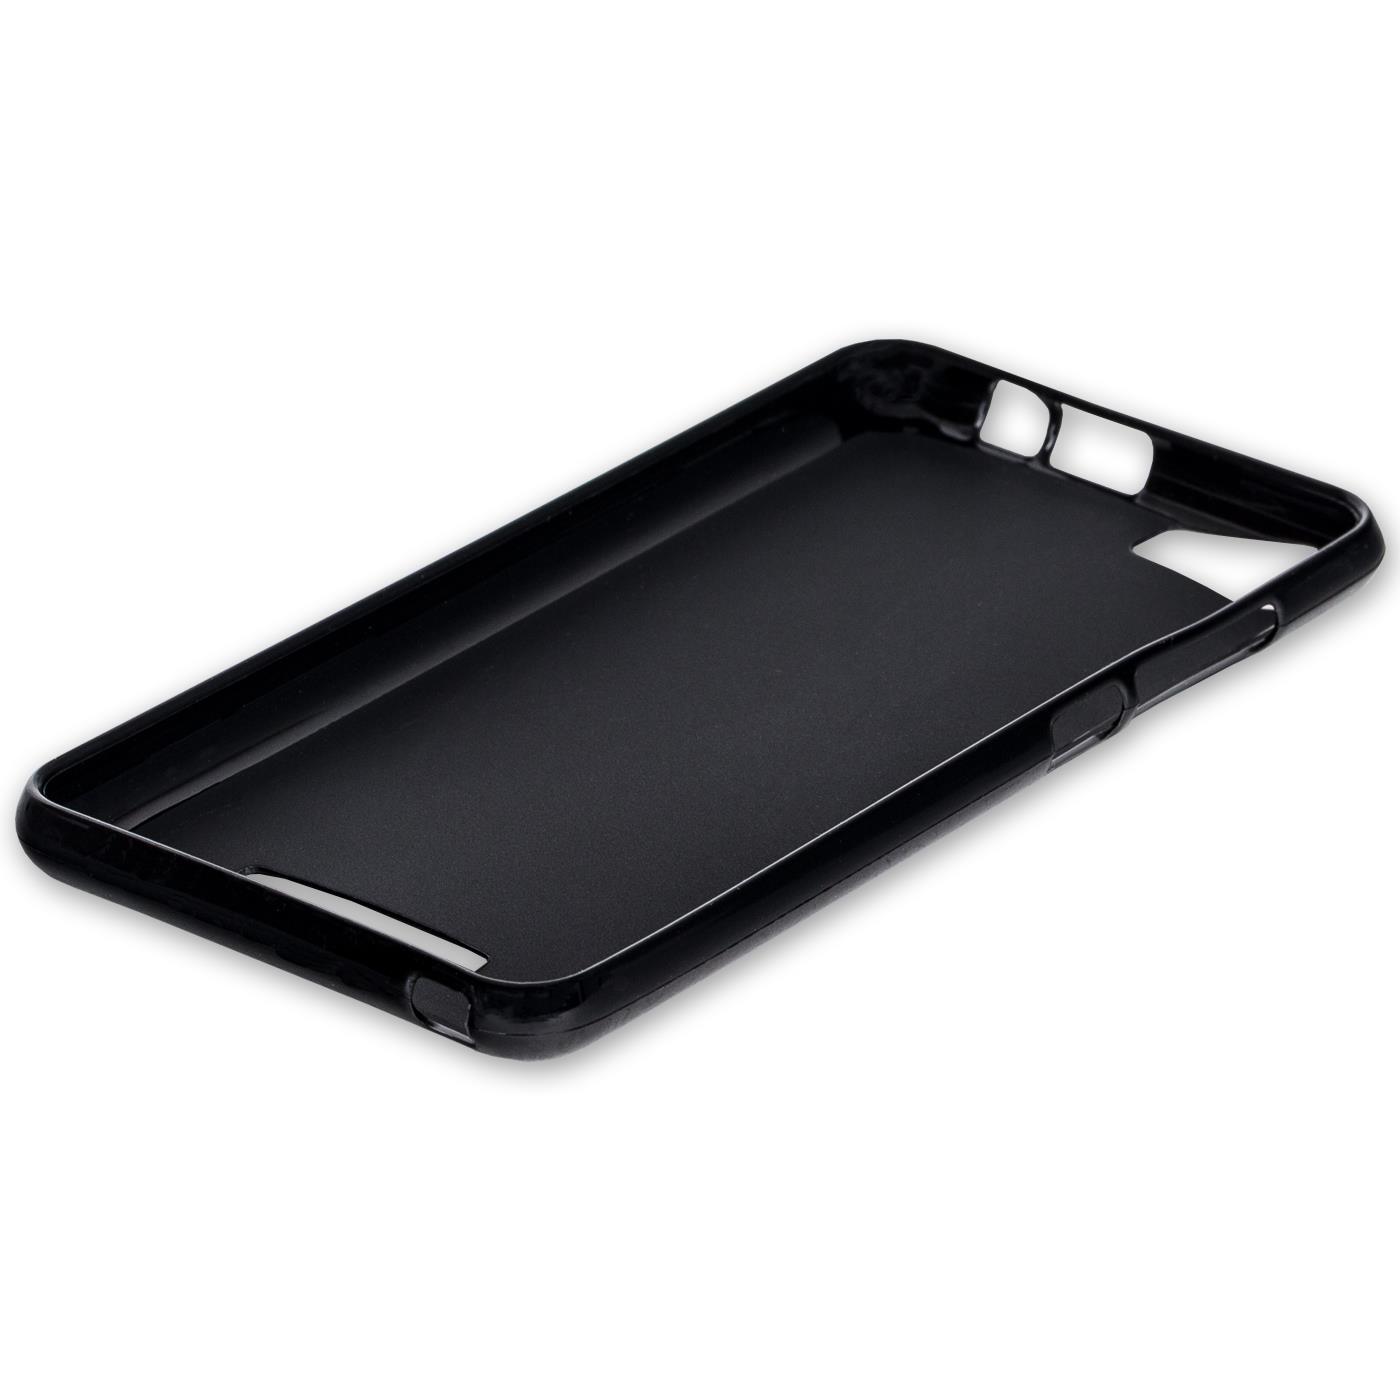 Duenn-Slim-Cover-Wiko-U-Feel-Handy-Huelle-Silikon-Case-Schutz-Tasche-Schwarz Indexbild 5